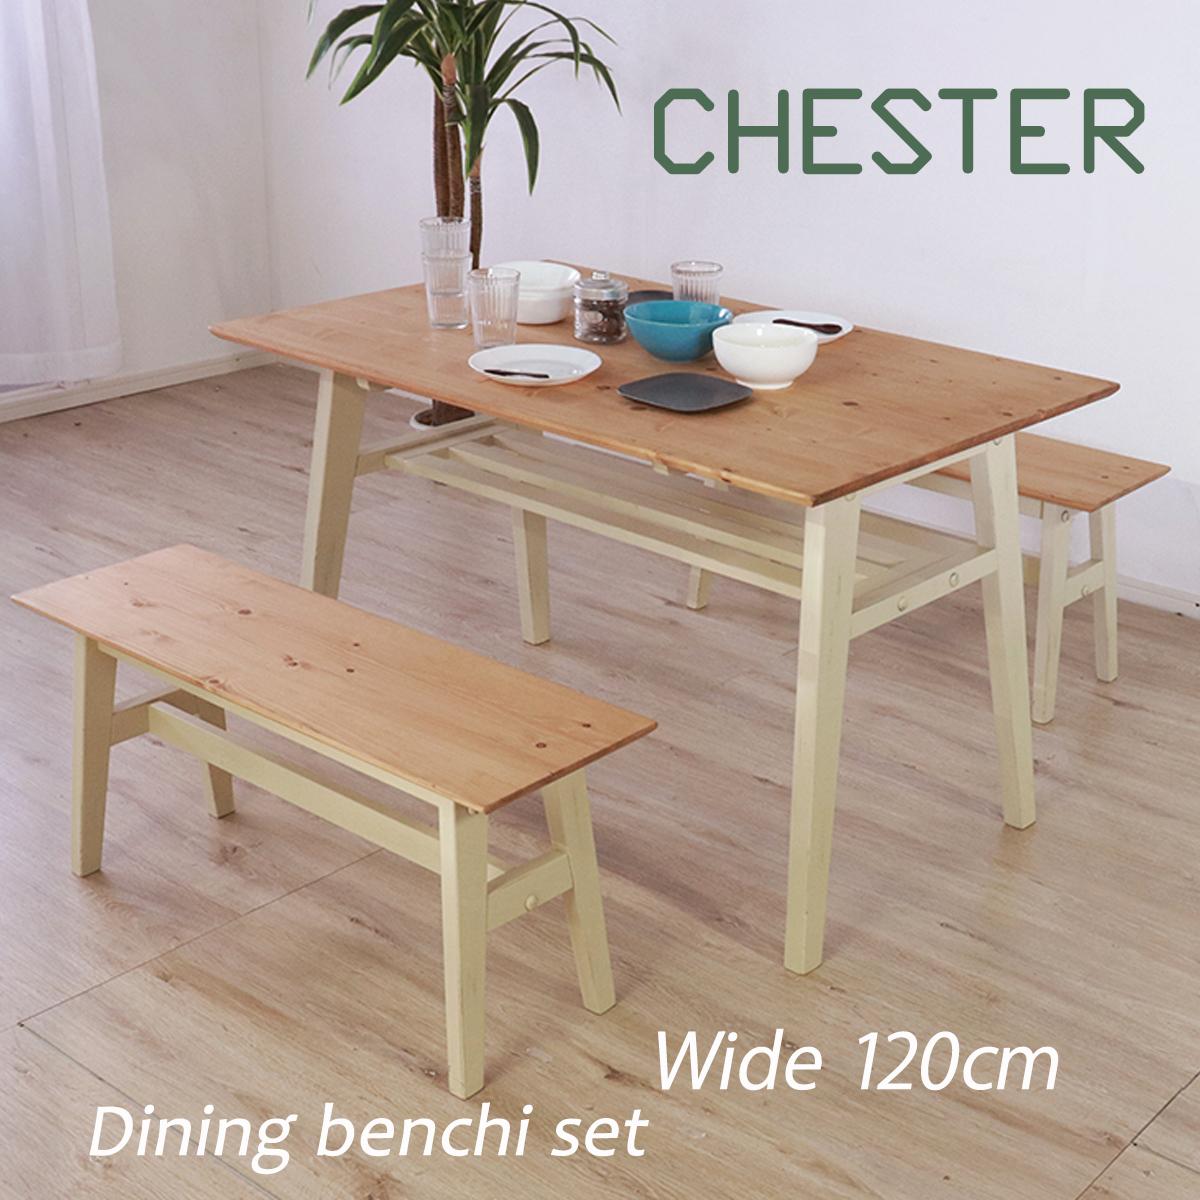 インダストリアル 家具 ダイニングテーブルセット ベンチ ホワイト 椅子 テーブル ビンテージ 幅120 キッチン リビング おしゃれ メンズ 収納あり配送,組立,設置込み